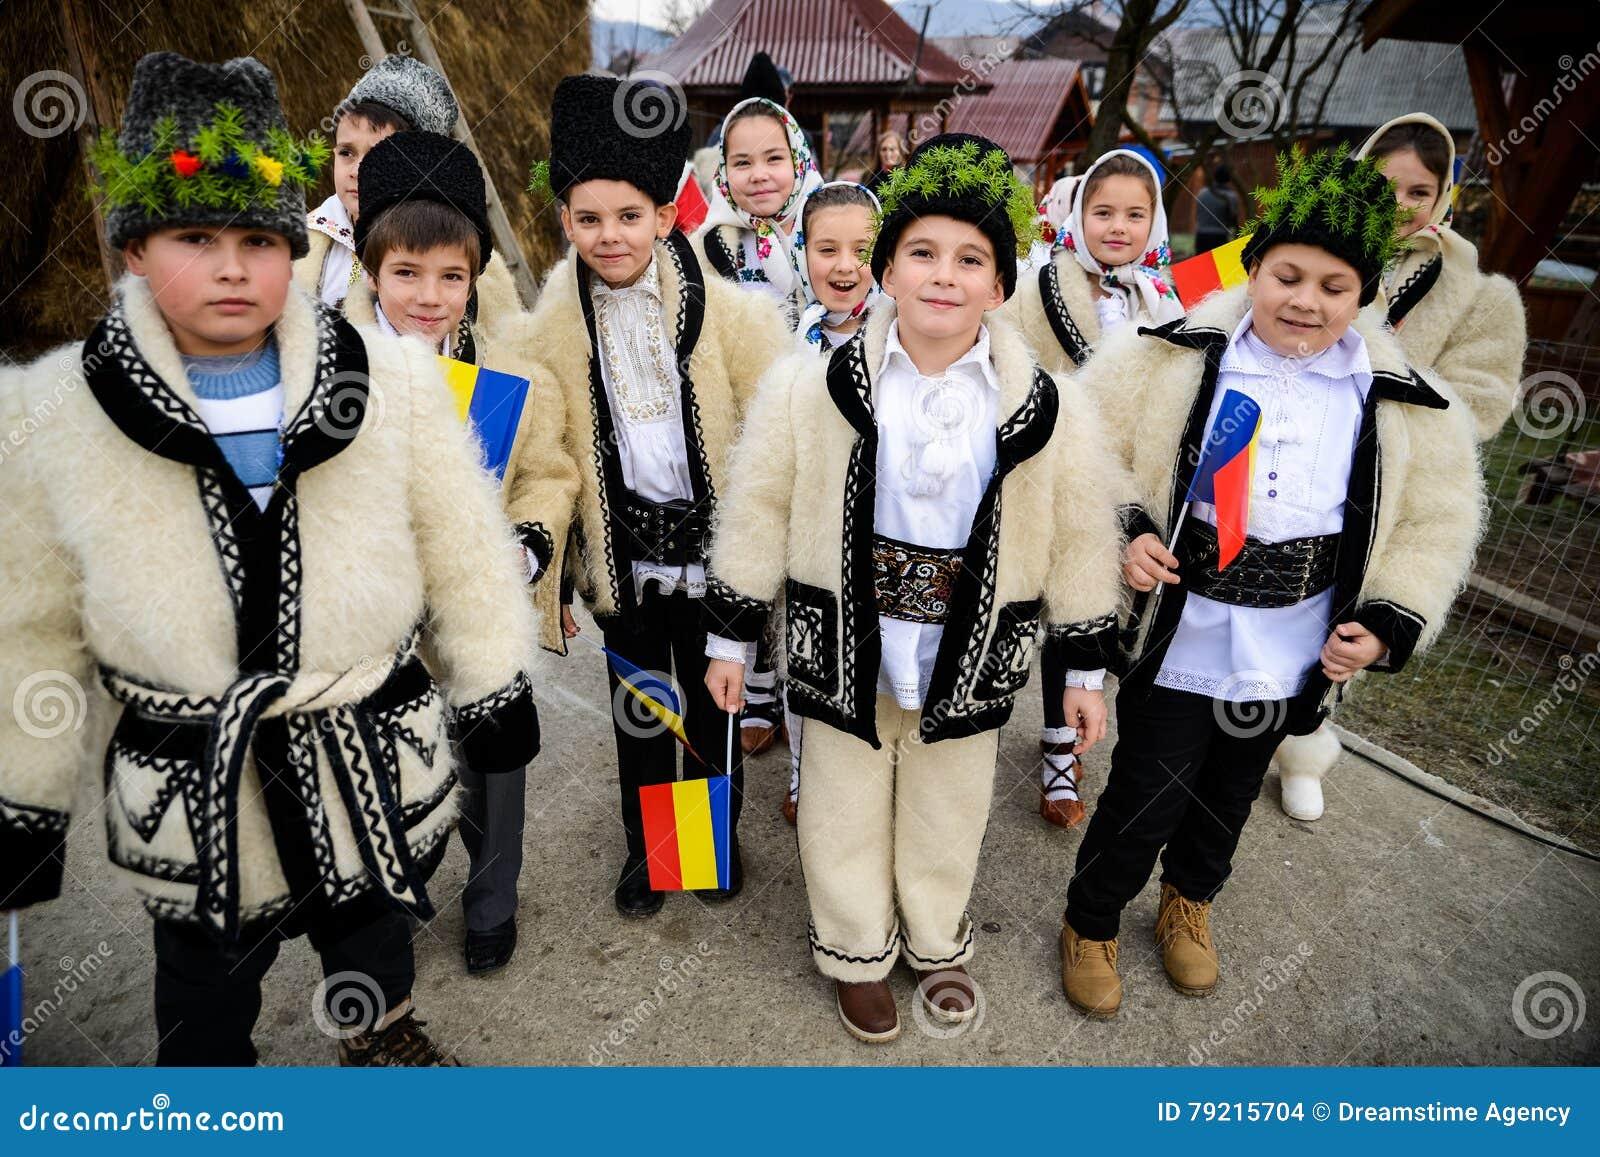 De kinderen kleedden zich in traditionele Roemeense kleding